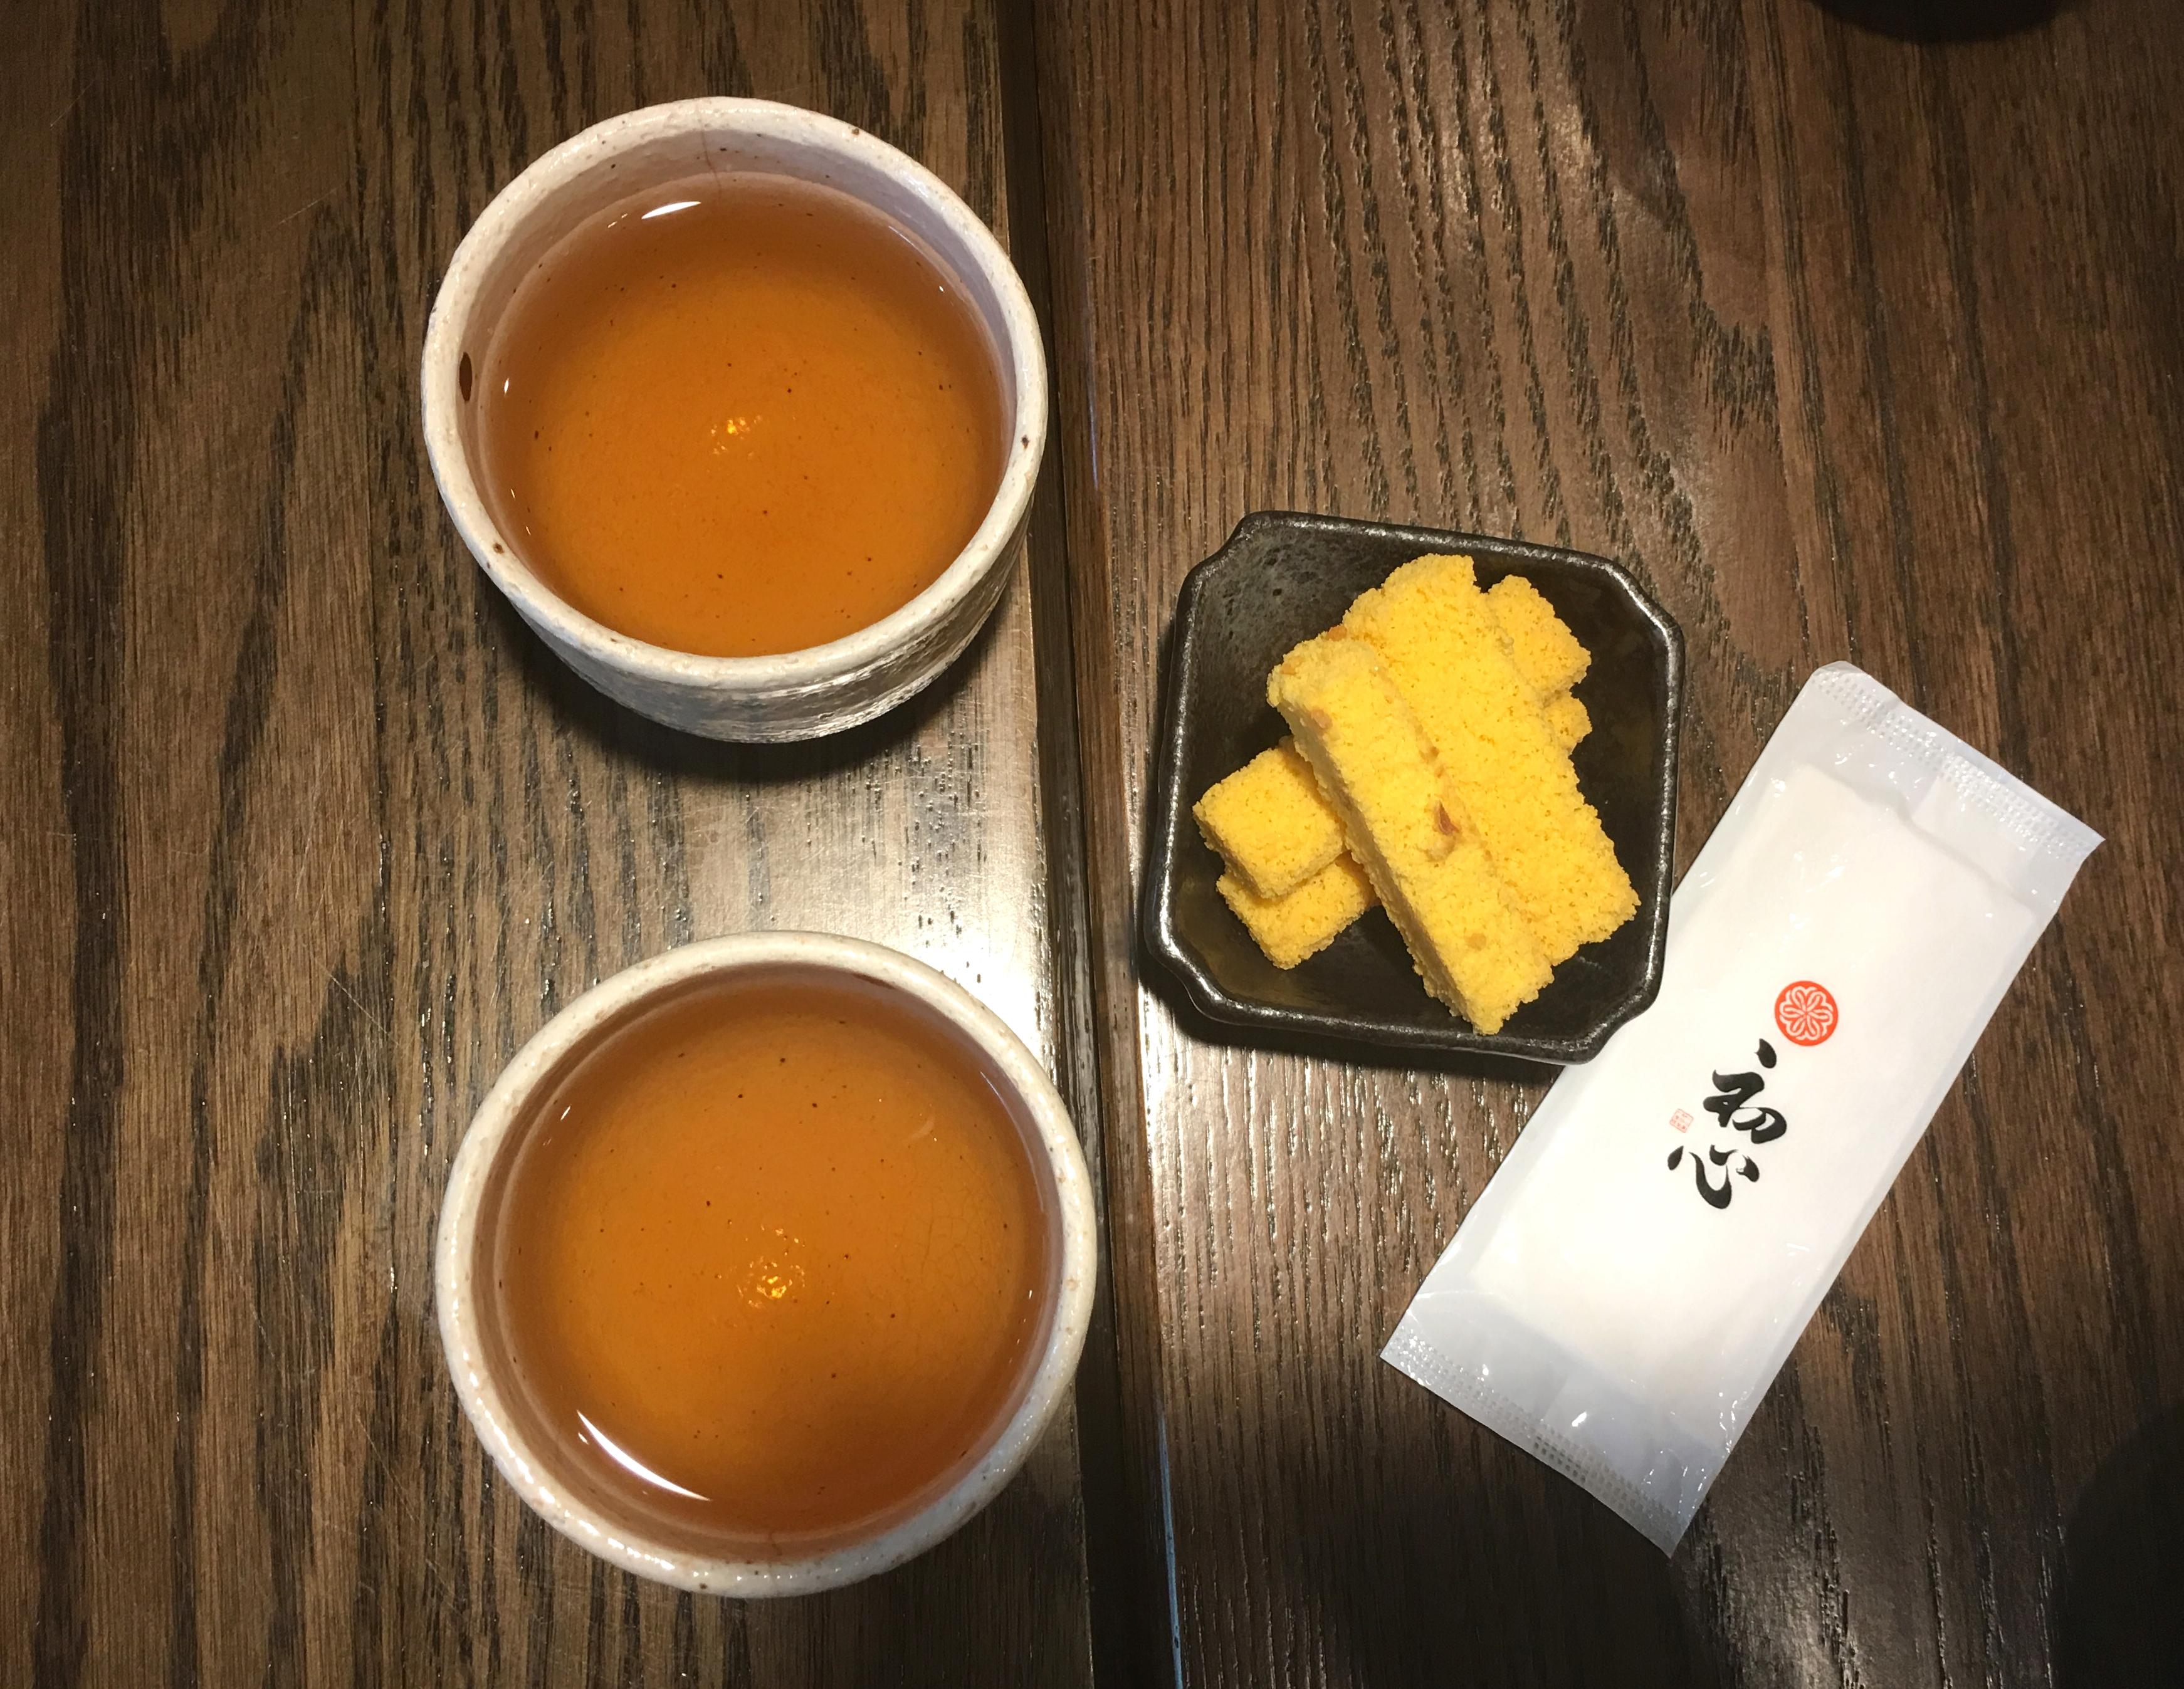 一坐下來會先送上熱茶和長崎蛋糕烘烤成的小點心